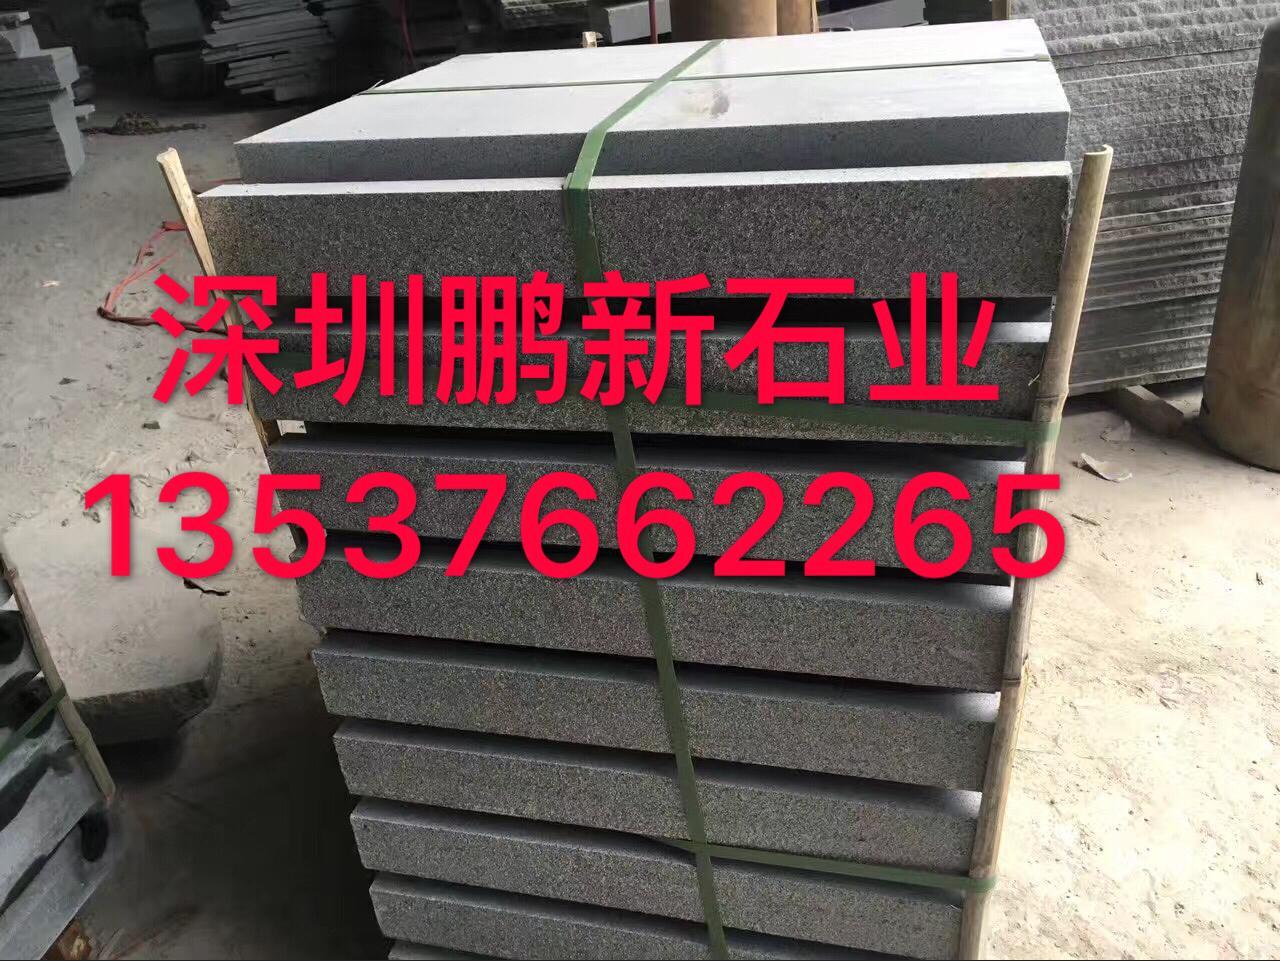 深圳花崗岩-深圳花崗岩價格-深圳花崗岩報價產品圖片 1